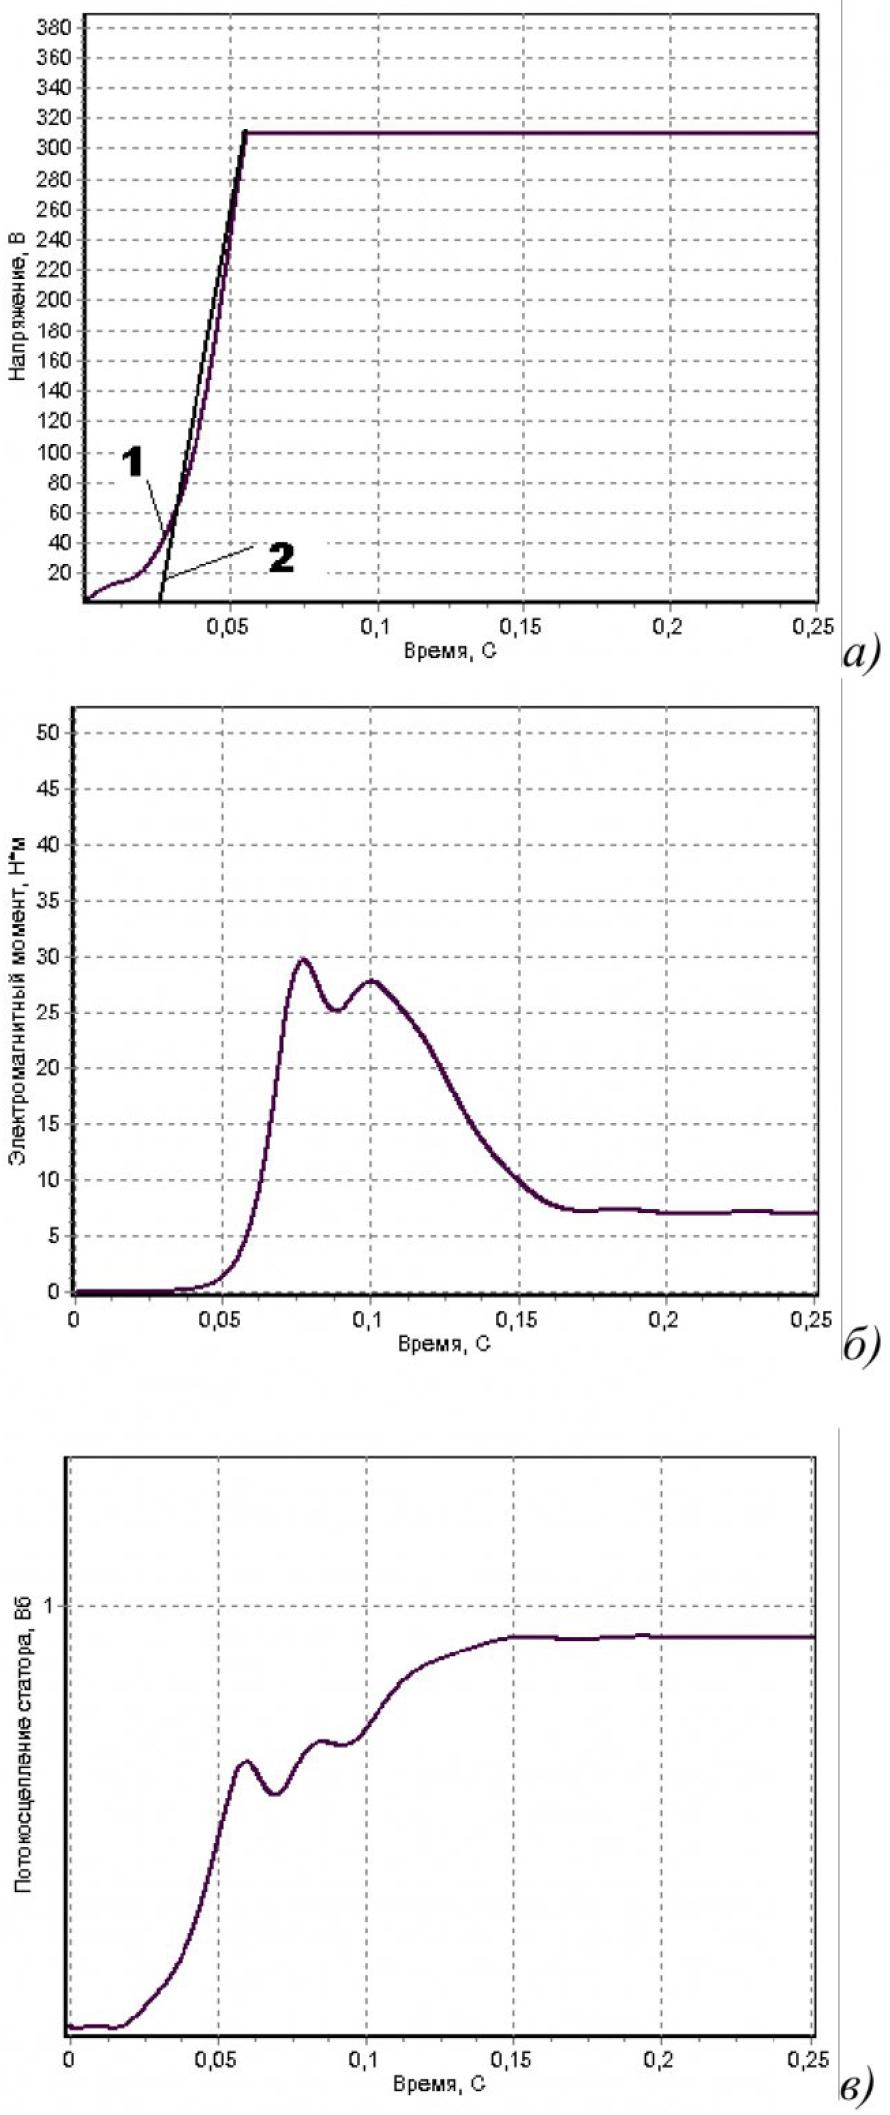 Формирование алгоритма управления плавным пуском асинхронного электродвигателя на основе метода скоростного градиента 11